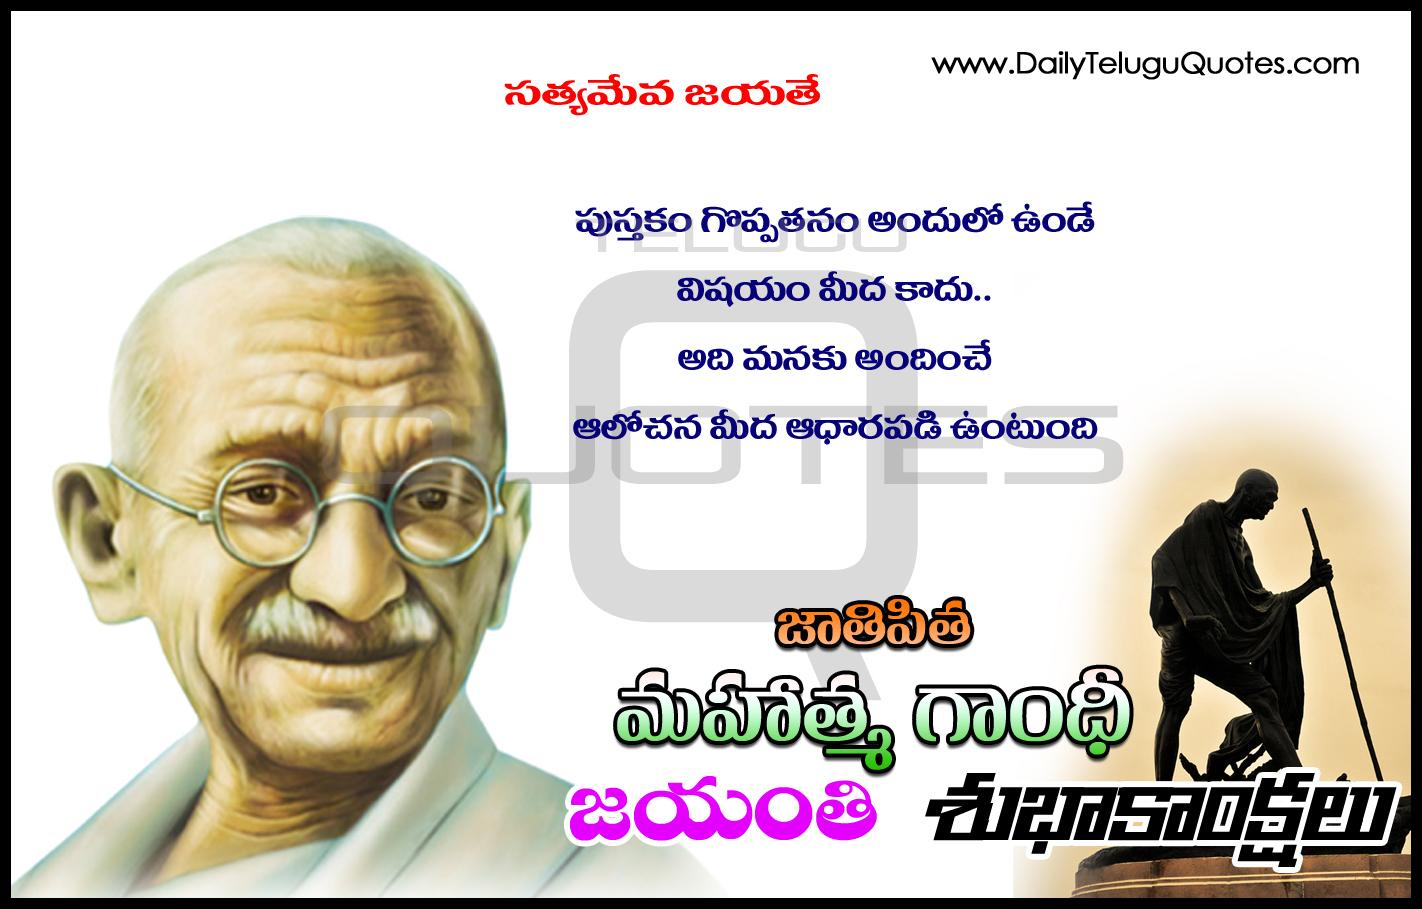 Telugu Quotes Mahatma Gandhi Quotes And Jayanthi Greetings Images